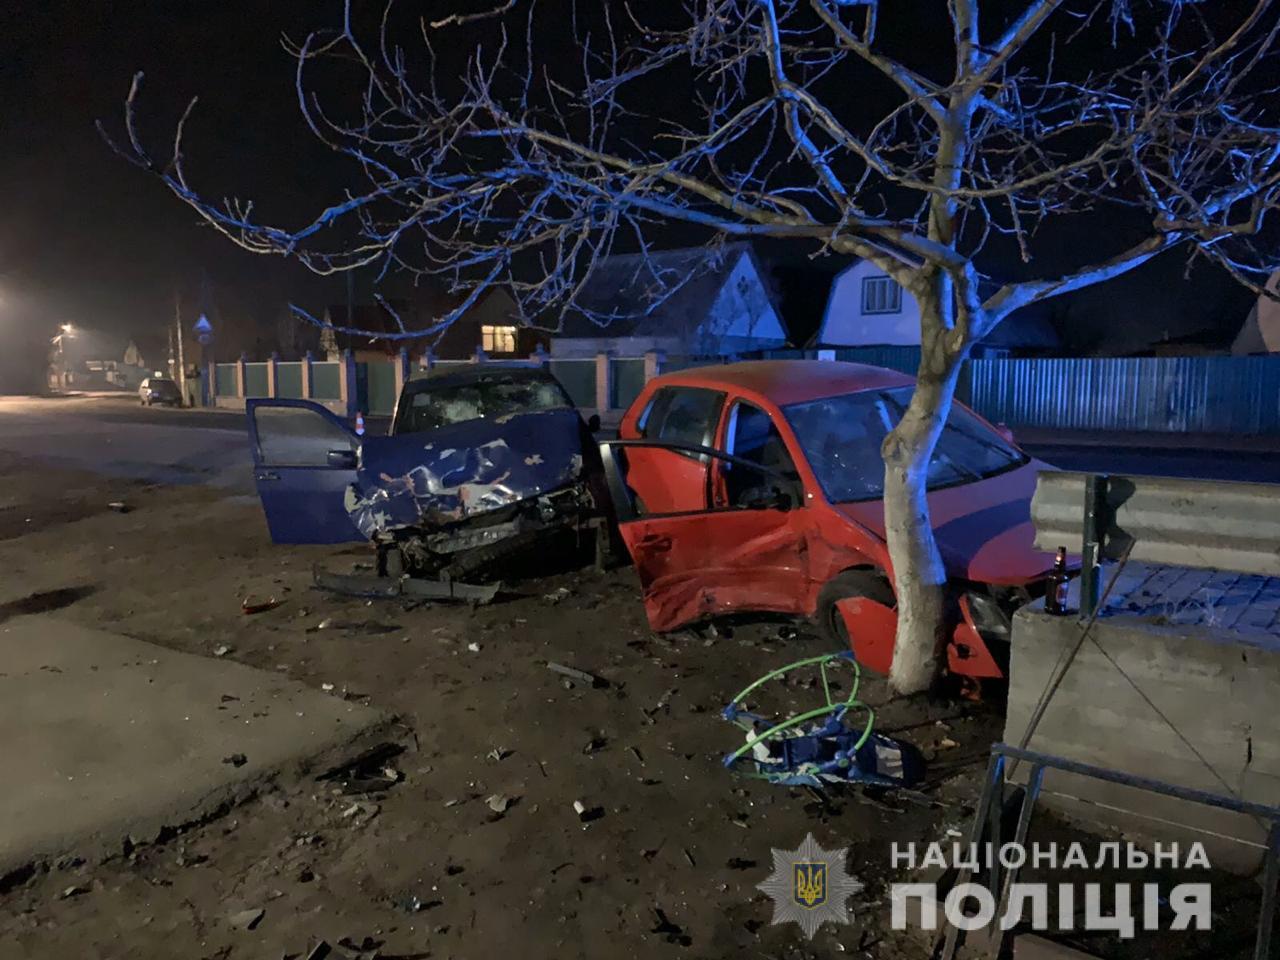 dtpputrivka ДТП на Васильківщині: травмовані четверо дорослих та 9-місячна дитина